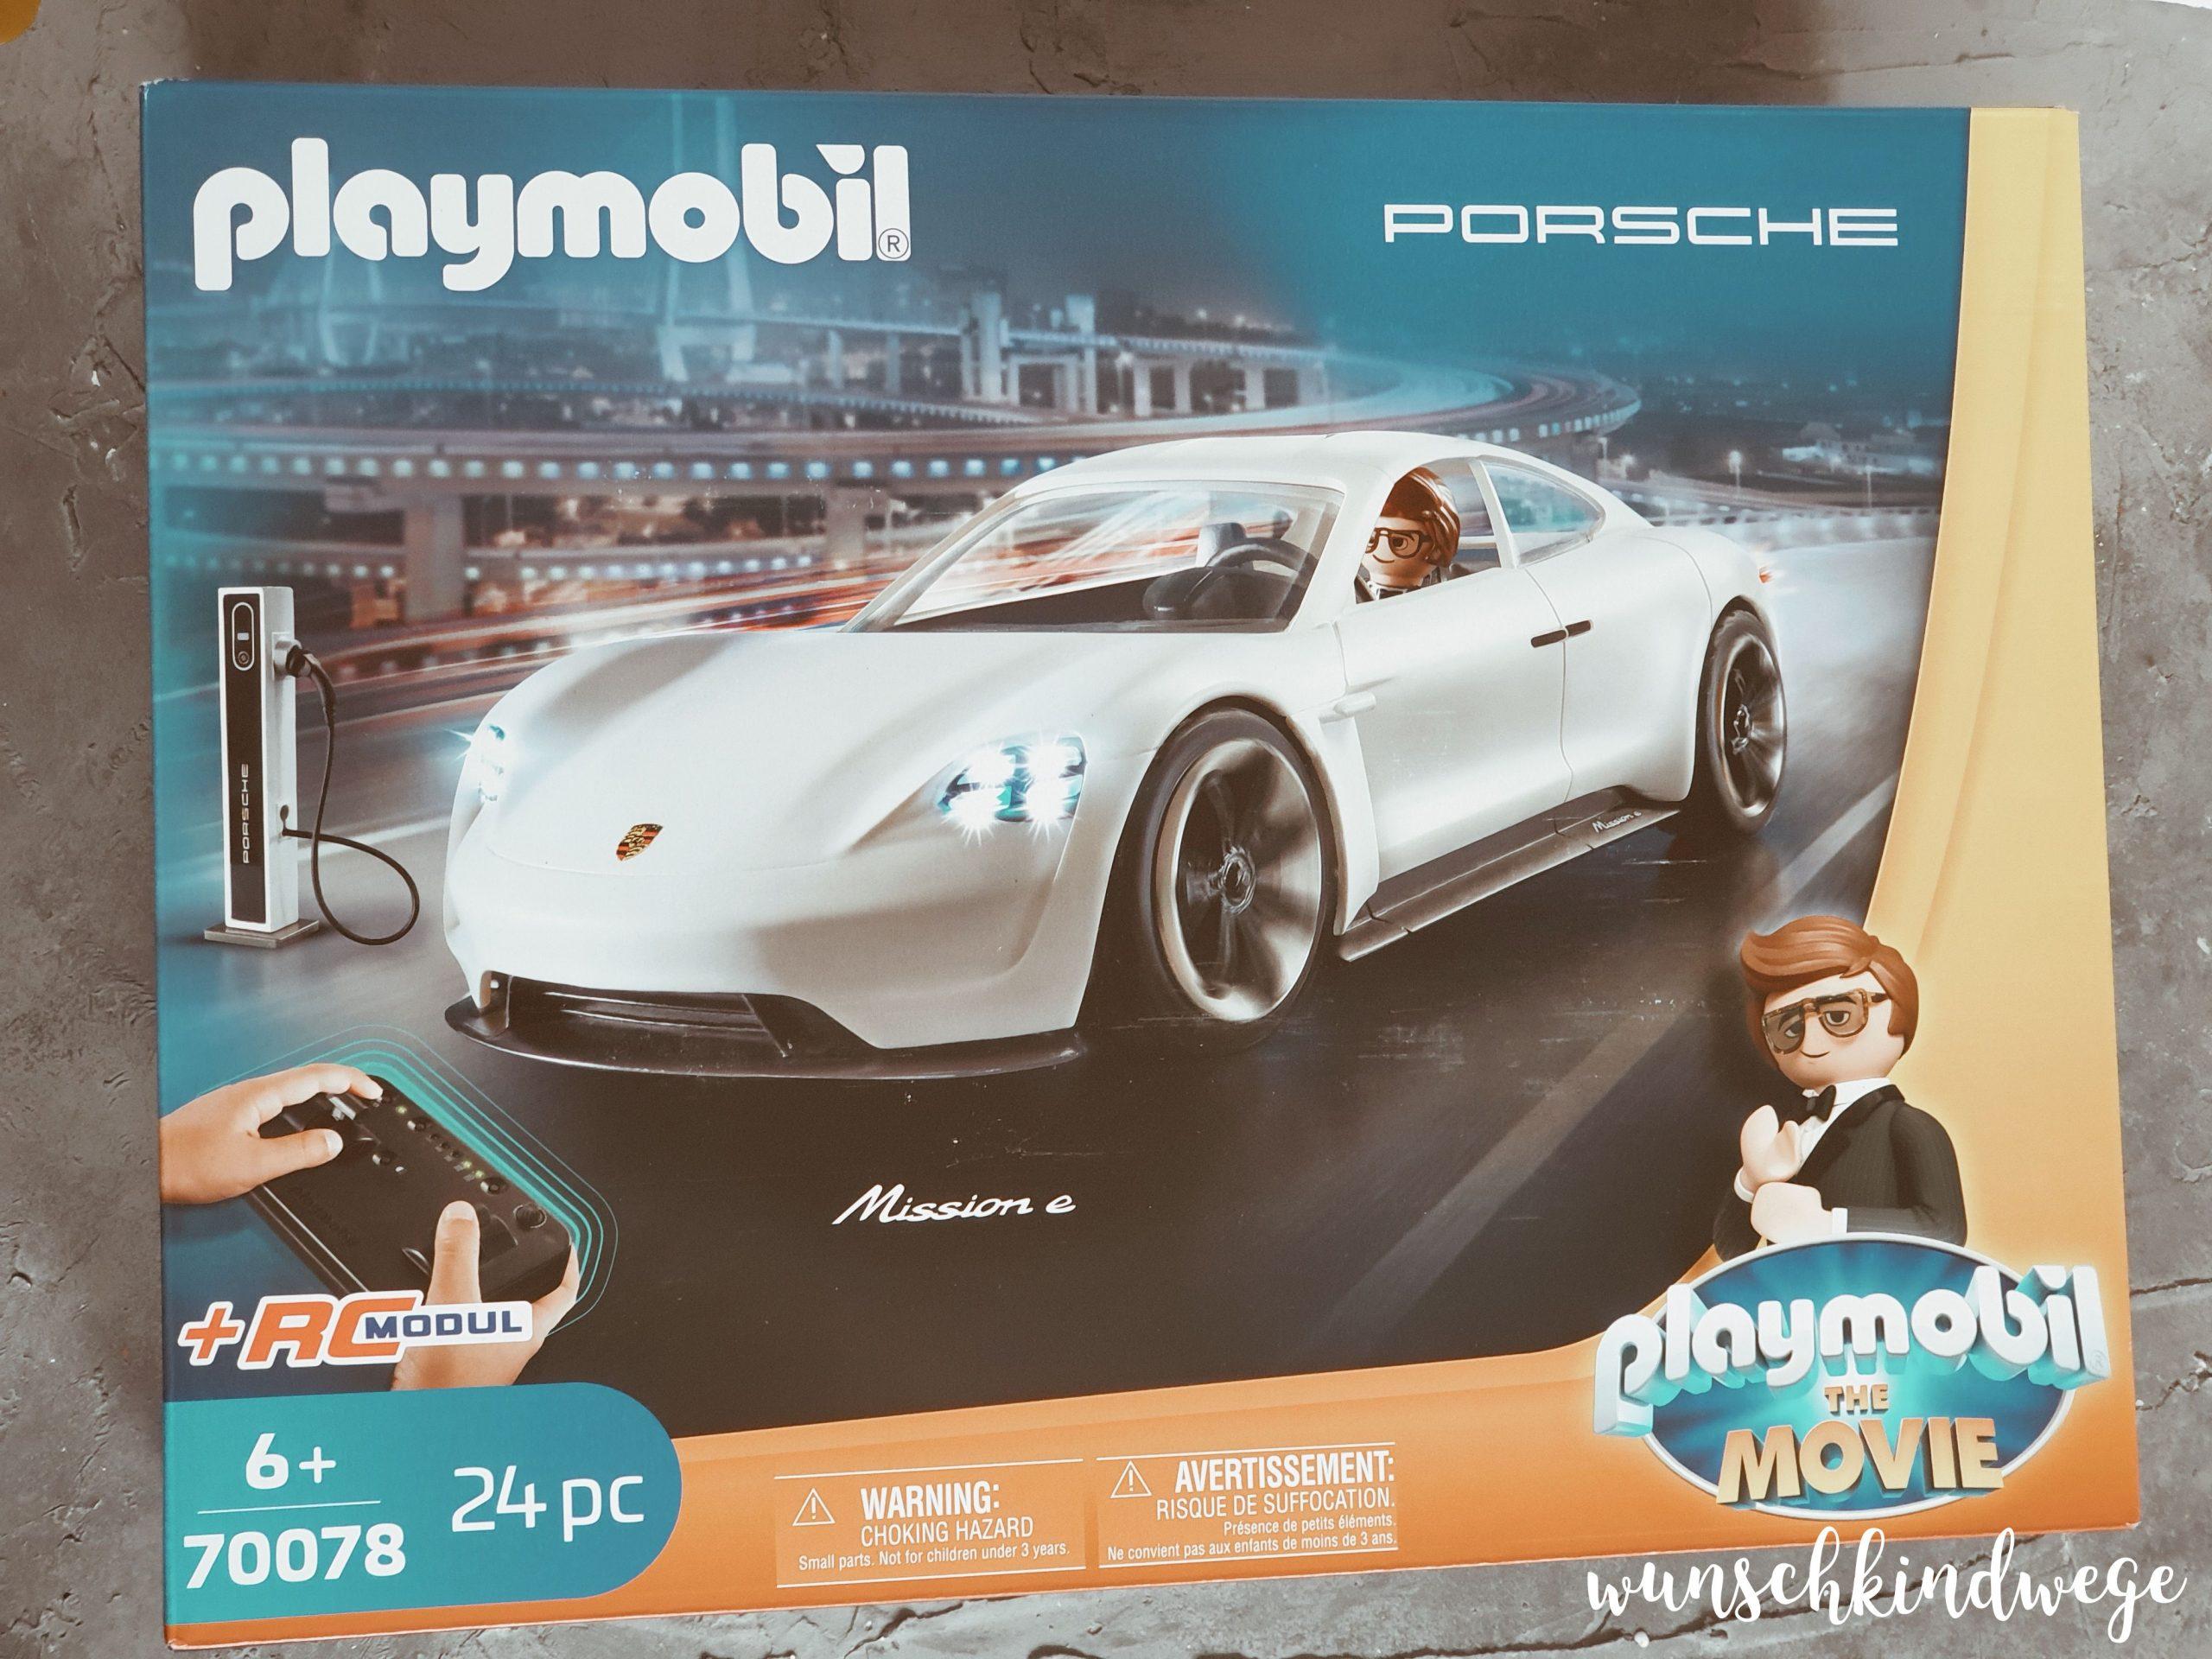 Playmobil Porsche Geschenke zum 7 Geburtstag